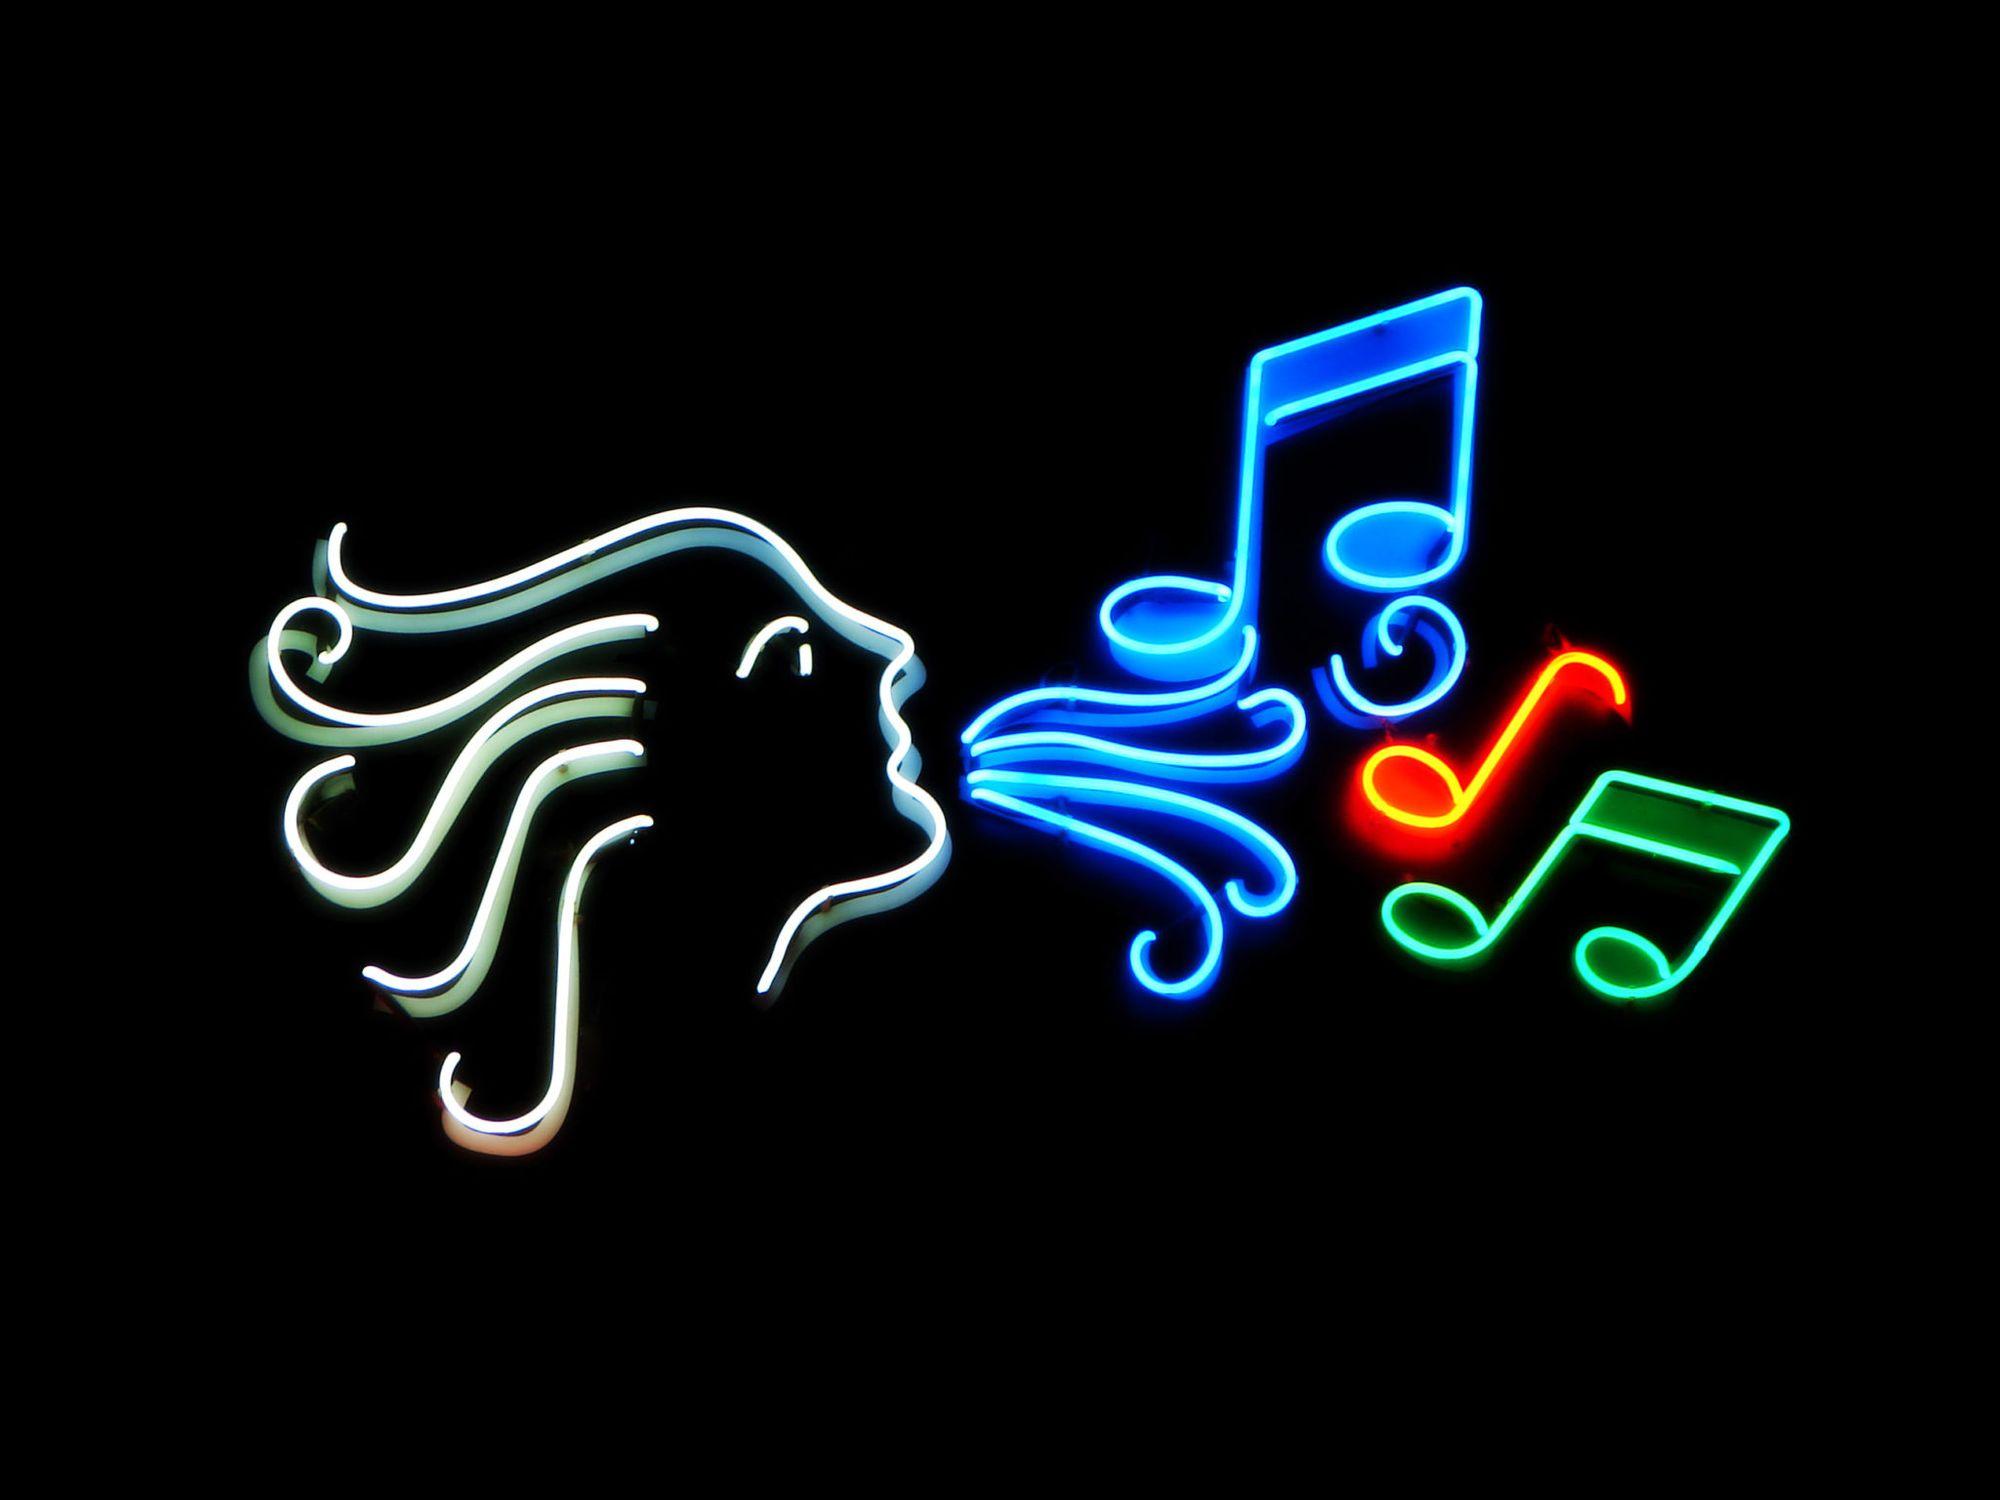 让音乐变成一种可投资资产